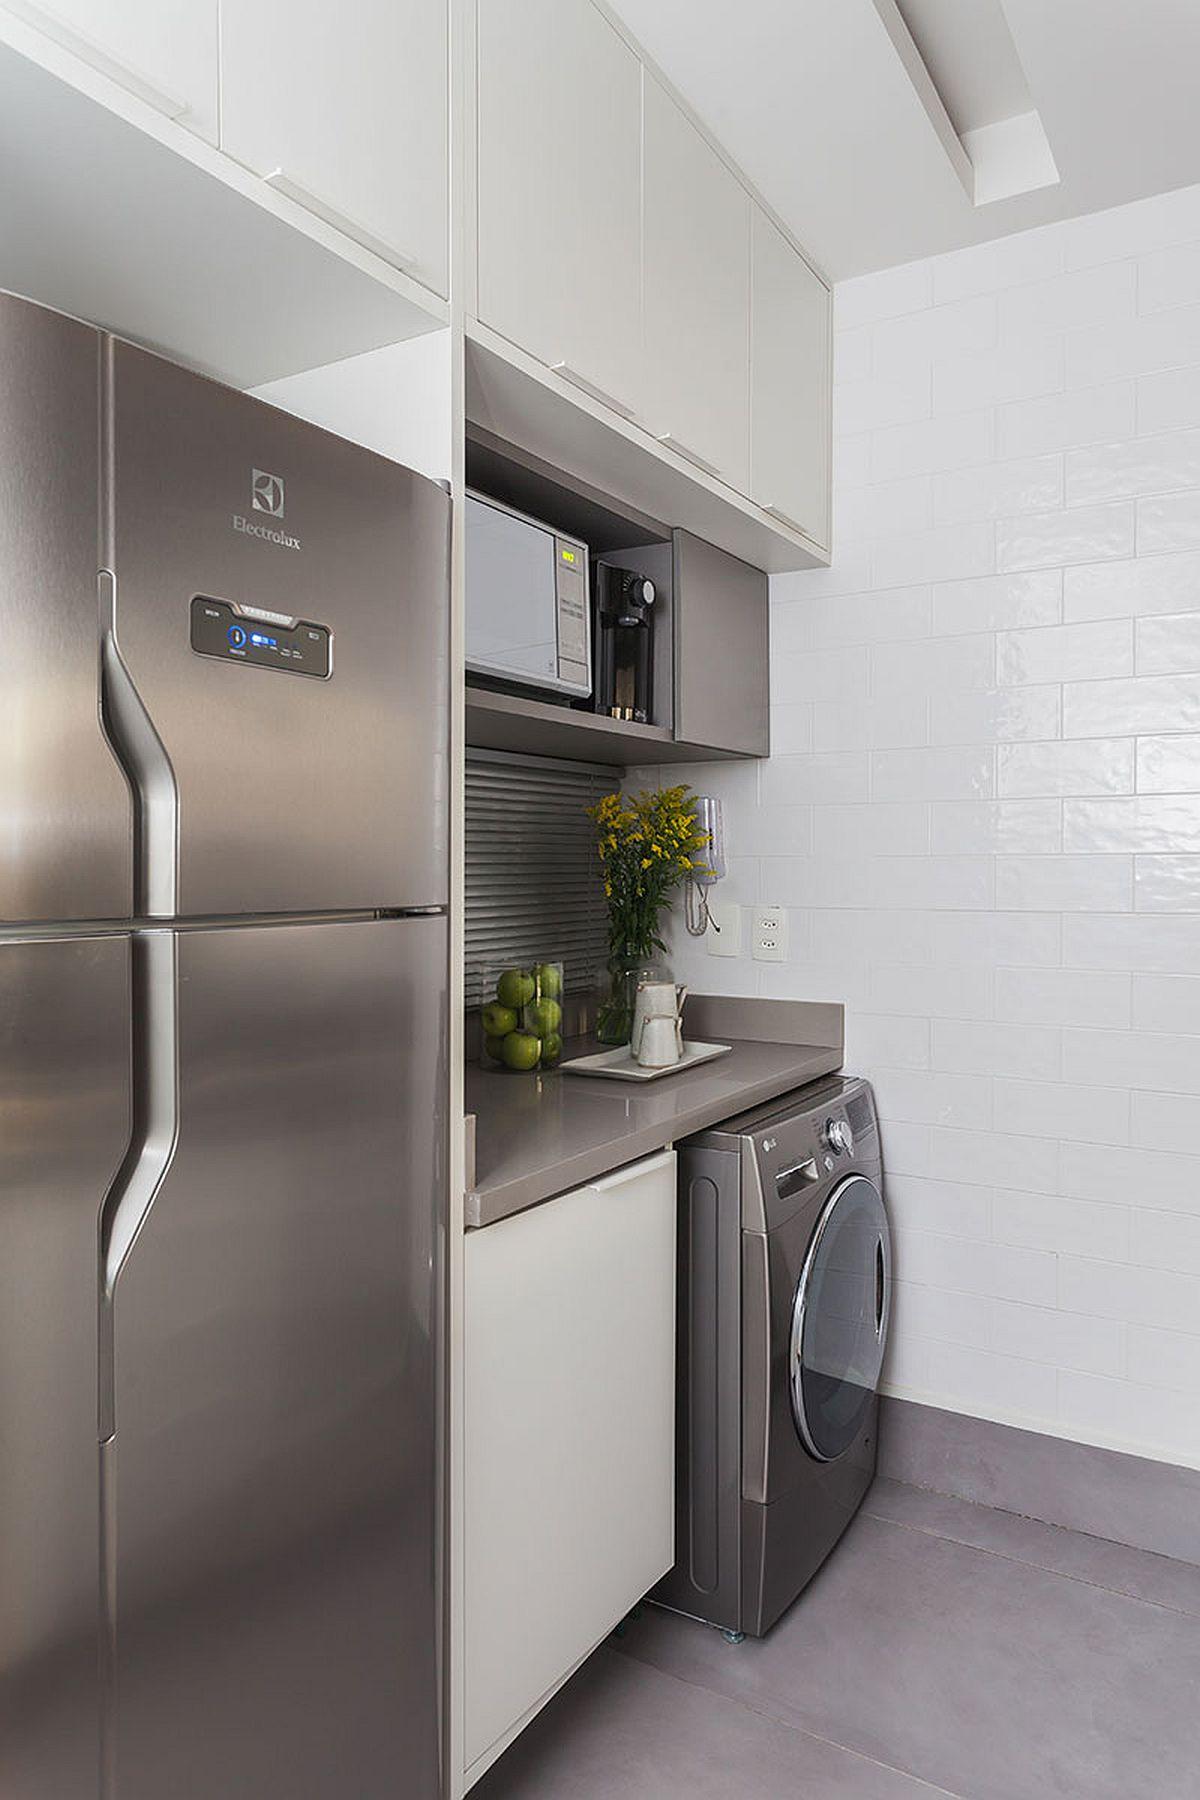 Baia foarte mică nu a permis instalarea mașinii de spălat, așa că toate electrocasnicele mari au fost prevăzute în spațiul mic al bucătăriei. Locul mașinii de spălat a fost ales pe peretele comun cu baia, astfel ca legătura la instalația de apă pentru alimentare și scurgere să se facă mai ușor.